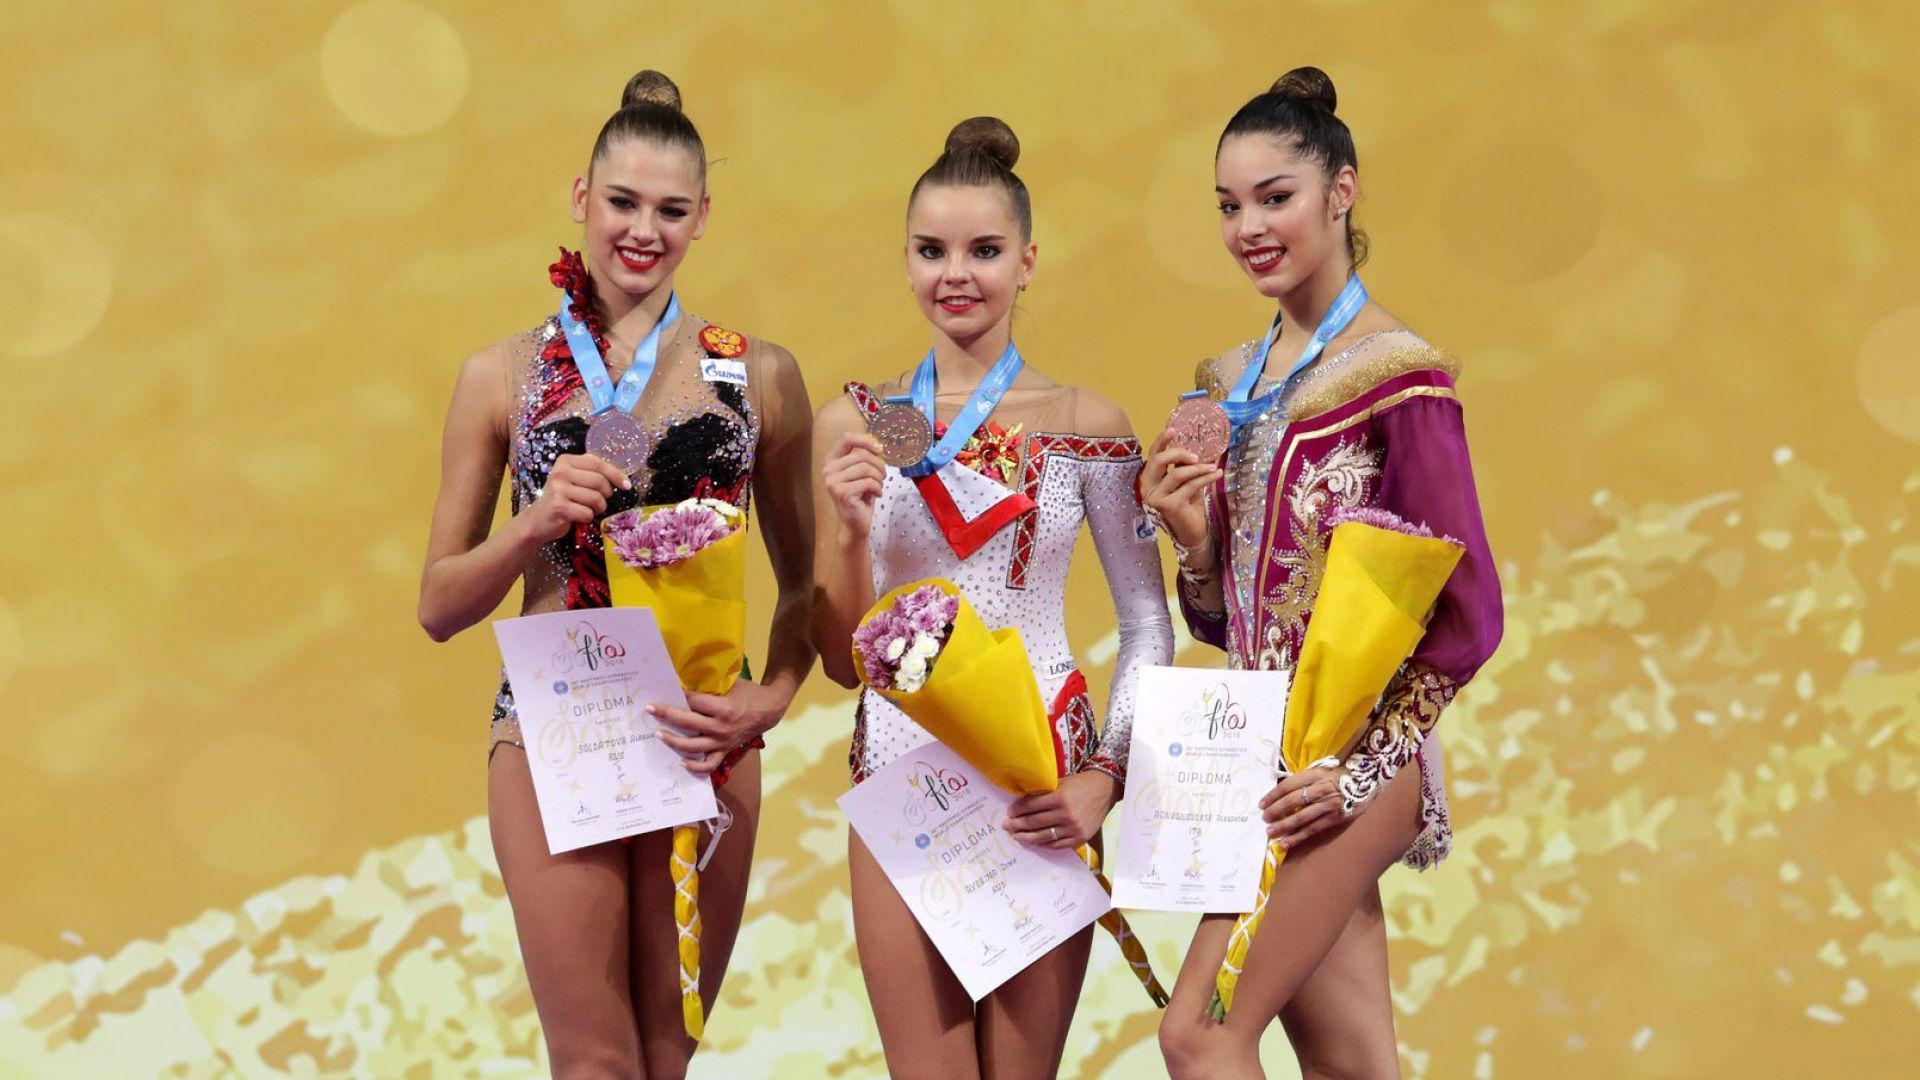 Путин поздрави шампионката от София за двата златни медала